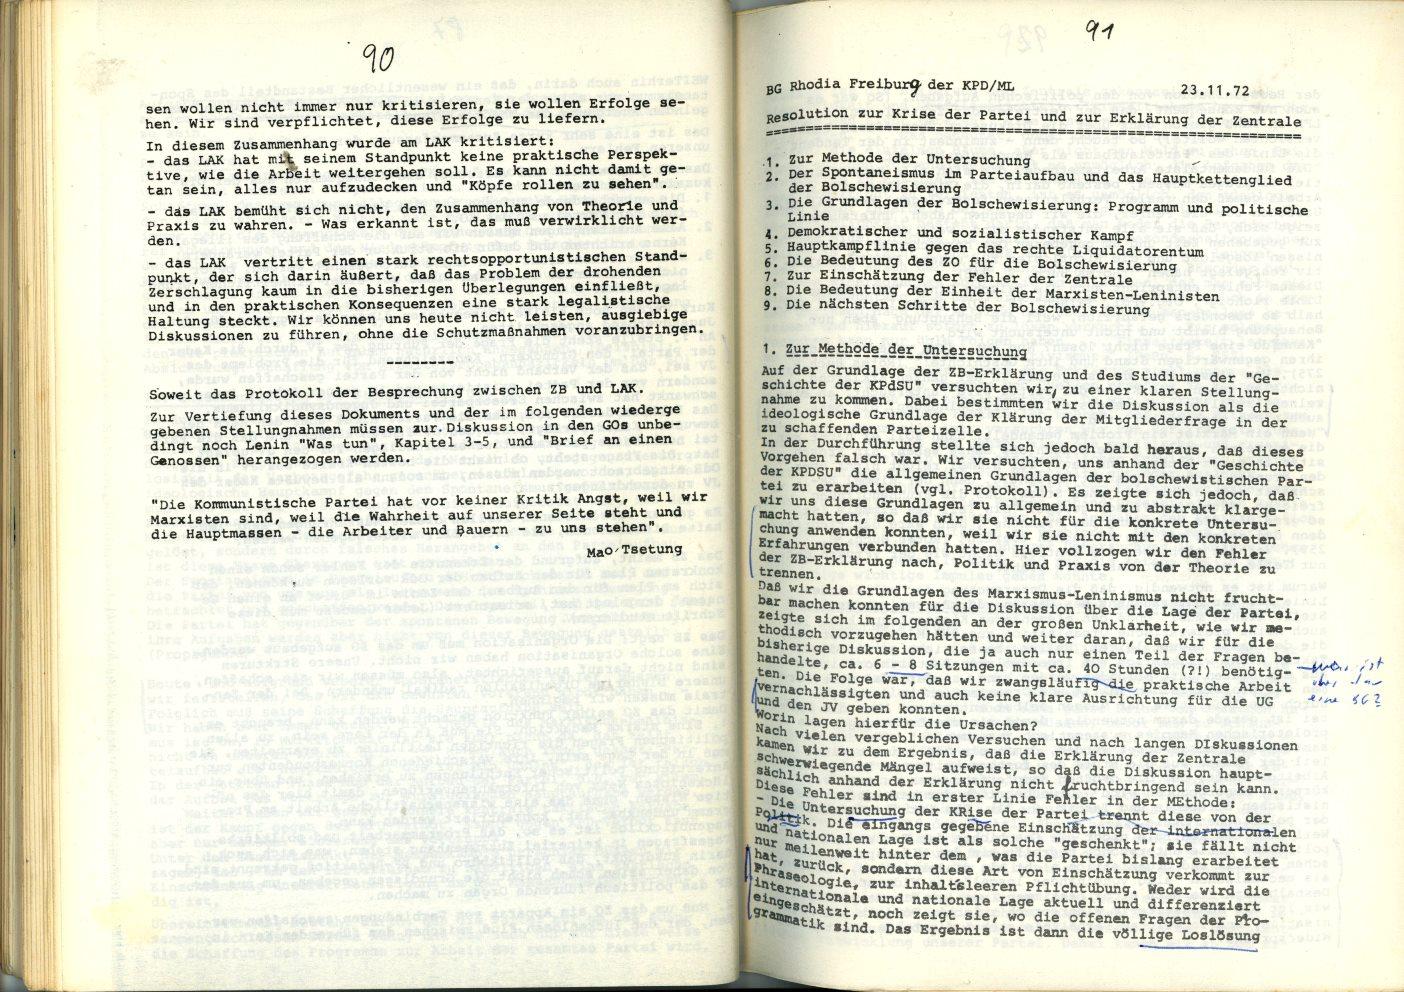 ZB_1972_Diskussionsorgan_zur_ersten_Parteikonferenz_50